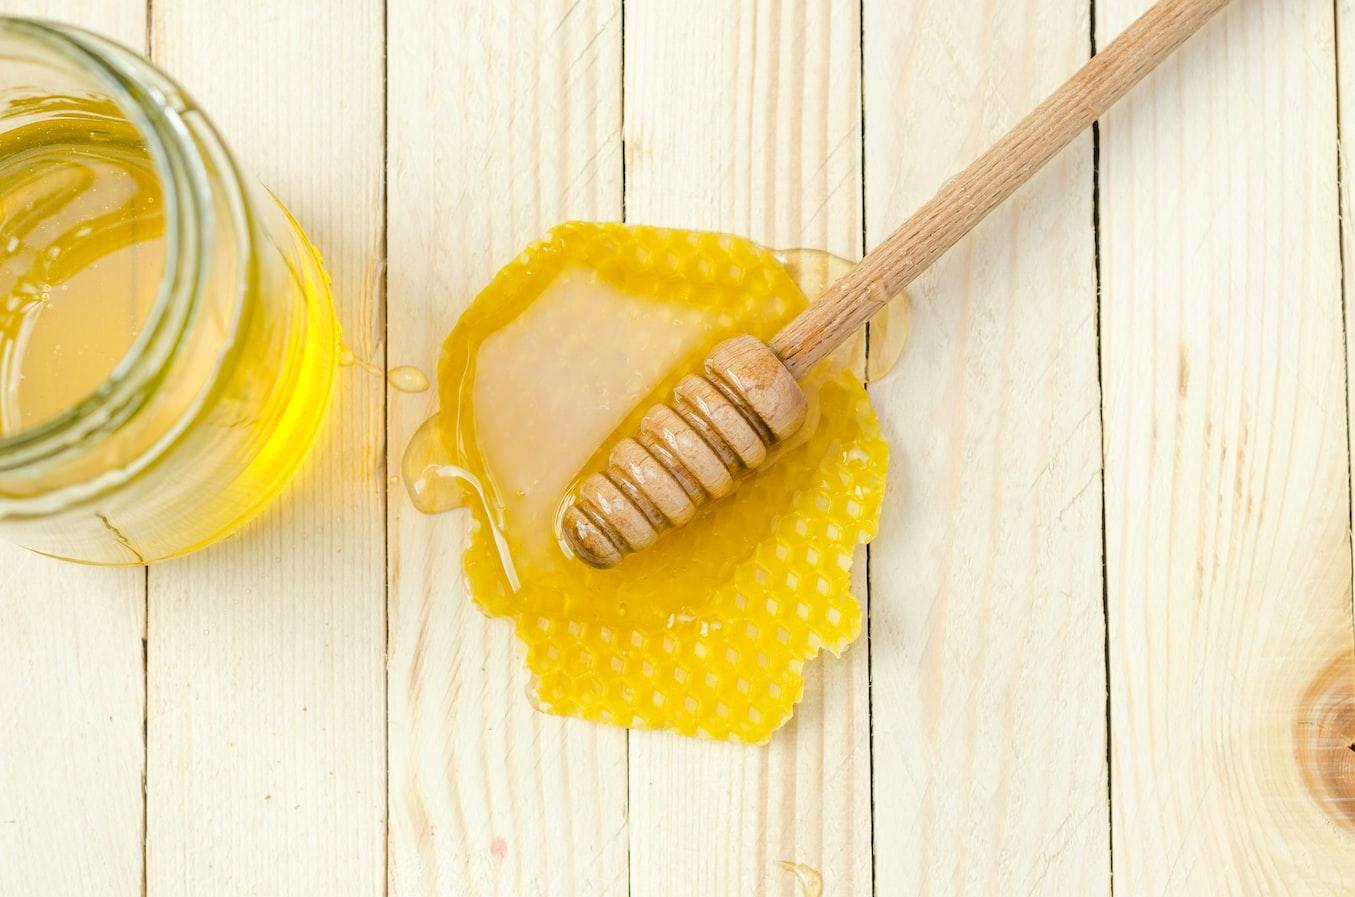 果汁、蜂蜜比較健康嗎?糖的誤解你中了幾個? | Heho健康